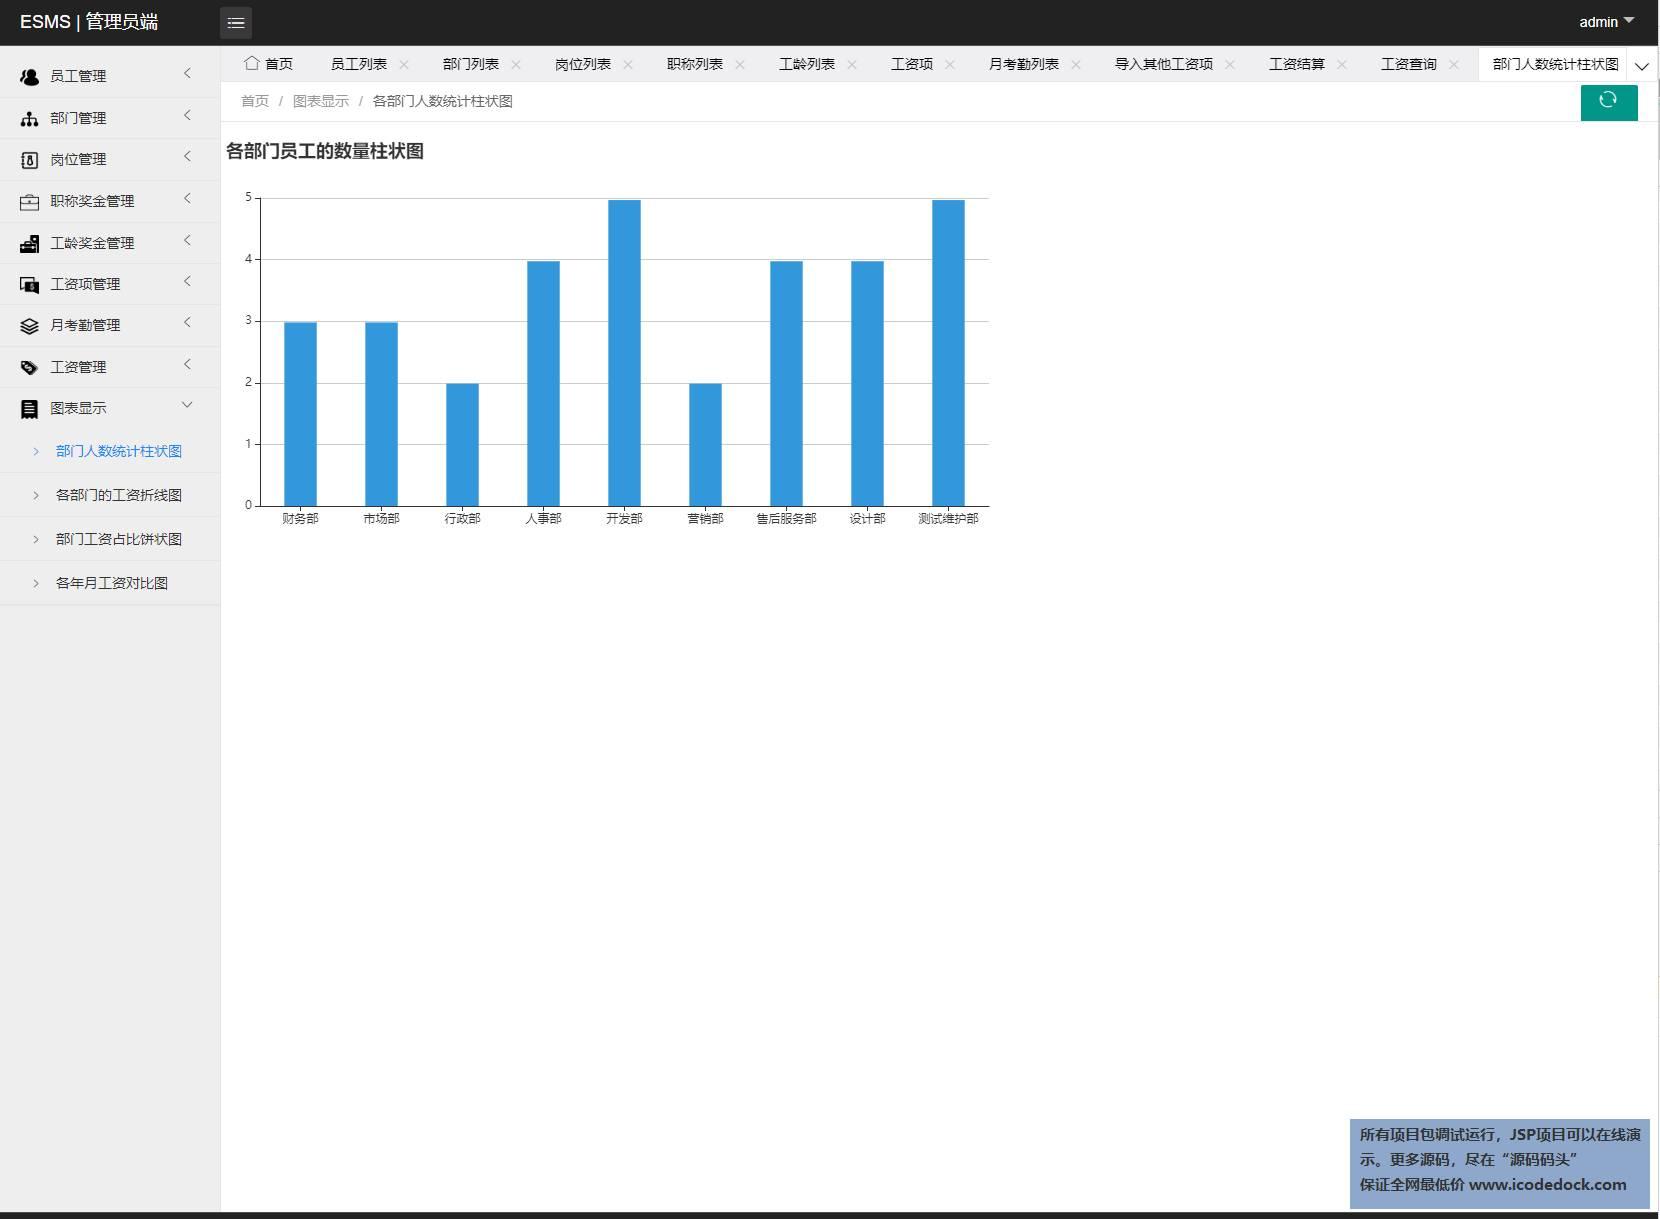 源码码头-SSM企业OA管理系统-管理员角色-统计图表